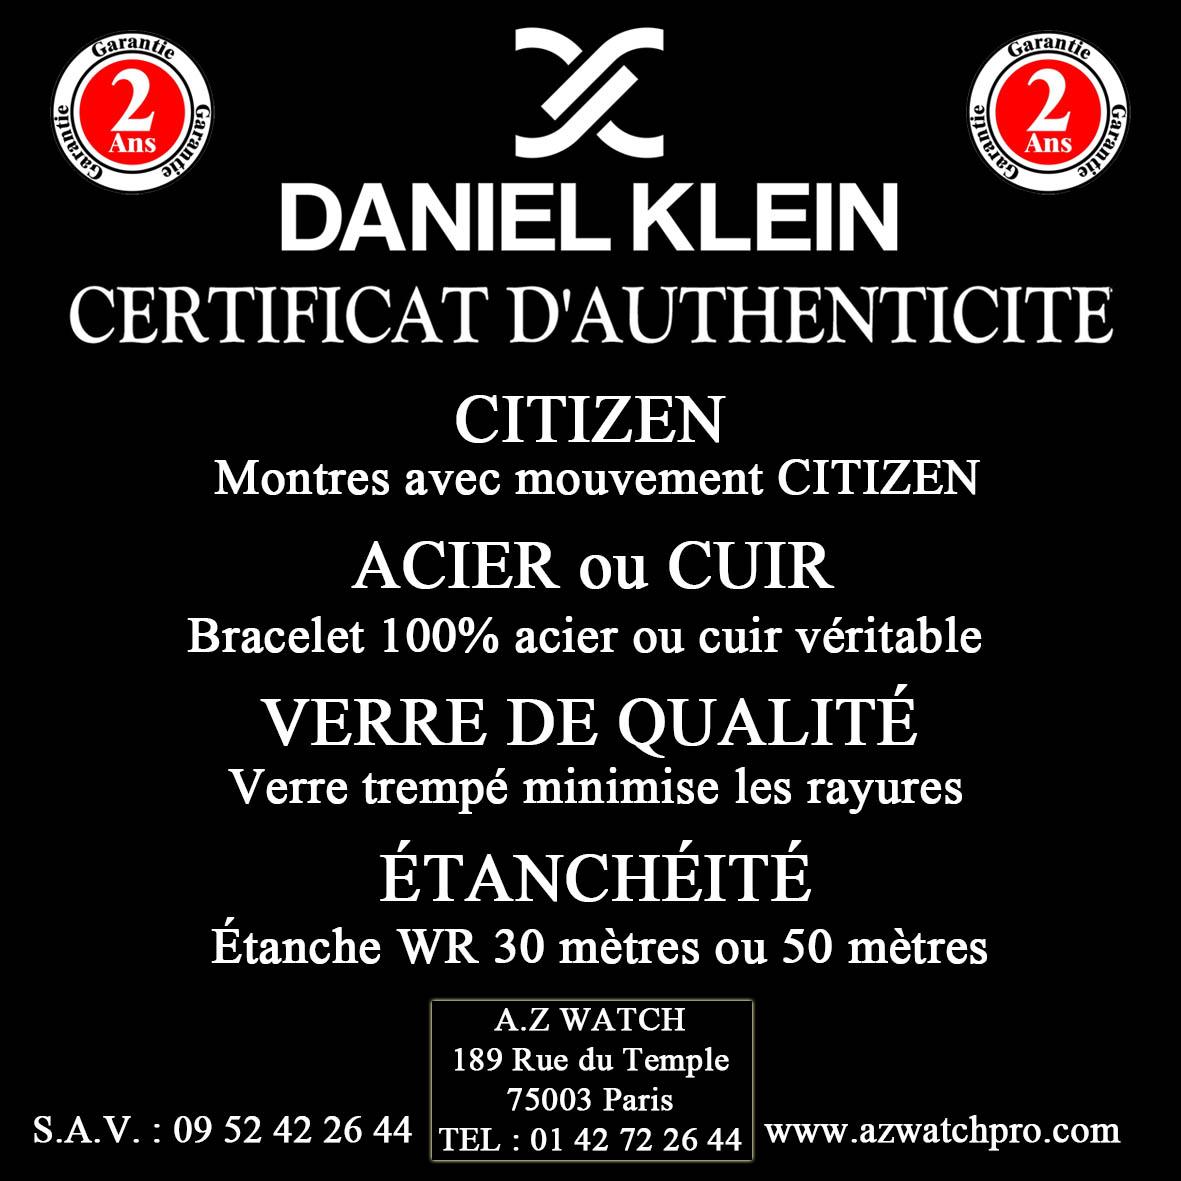 Caractéristiques des montres DANIEL KLEIN